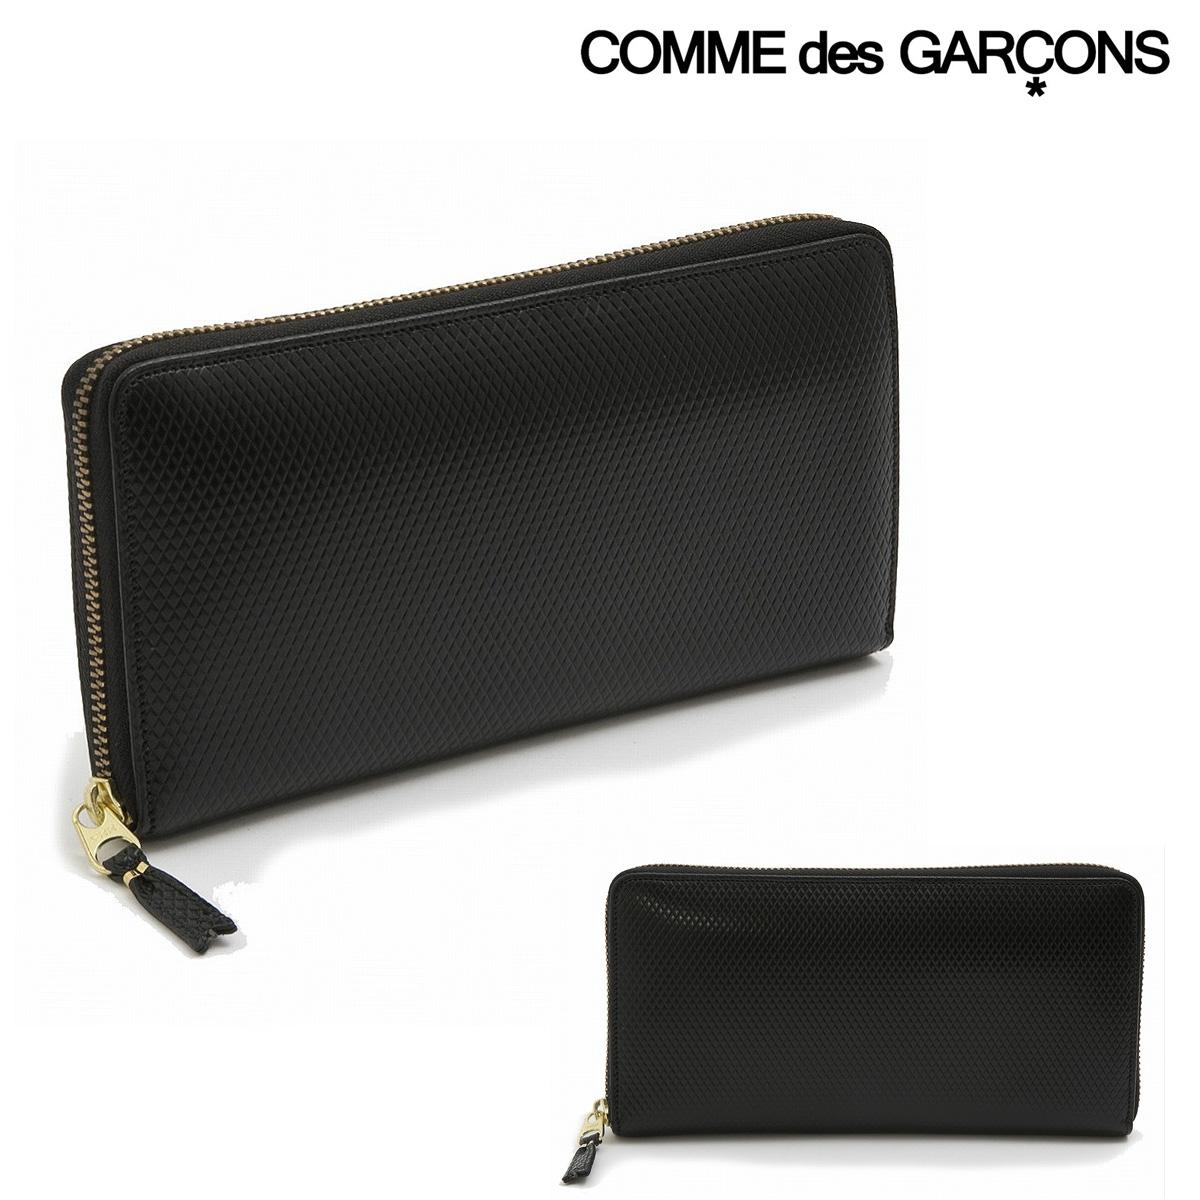 コムデギャルソン 長財布 ラウンドファスナー メンズ レディース SA0110LG COMME des GARCONS | ラグジュアリーグループ レザー ブランド専用BOX付き[bef]